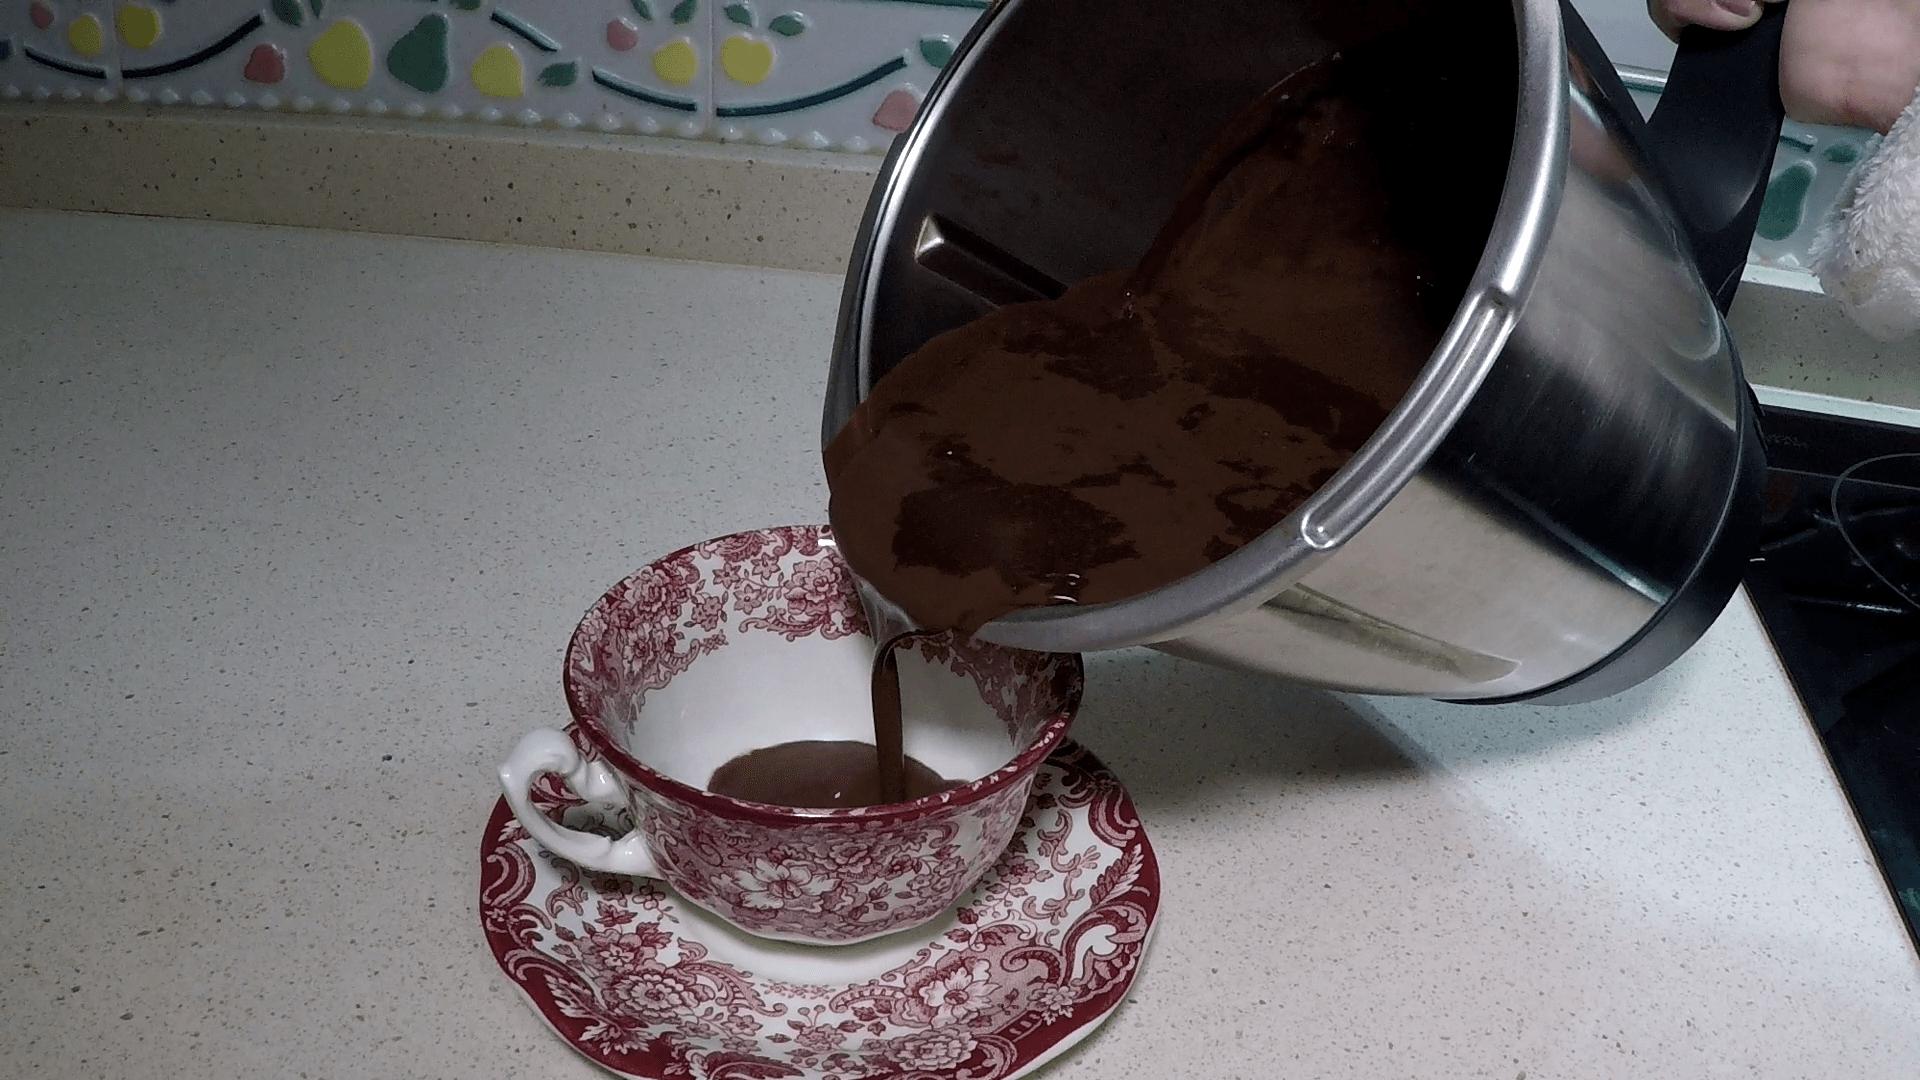 Servir el chocolate a la taza en Thermomix.